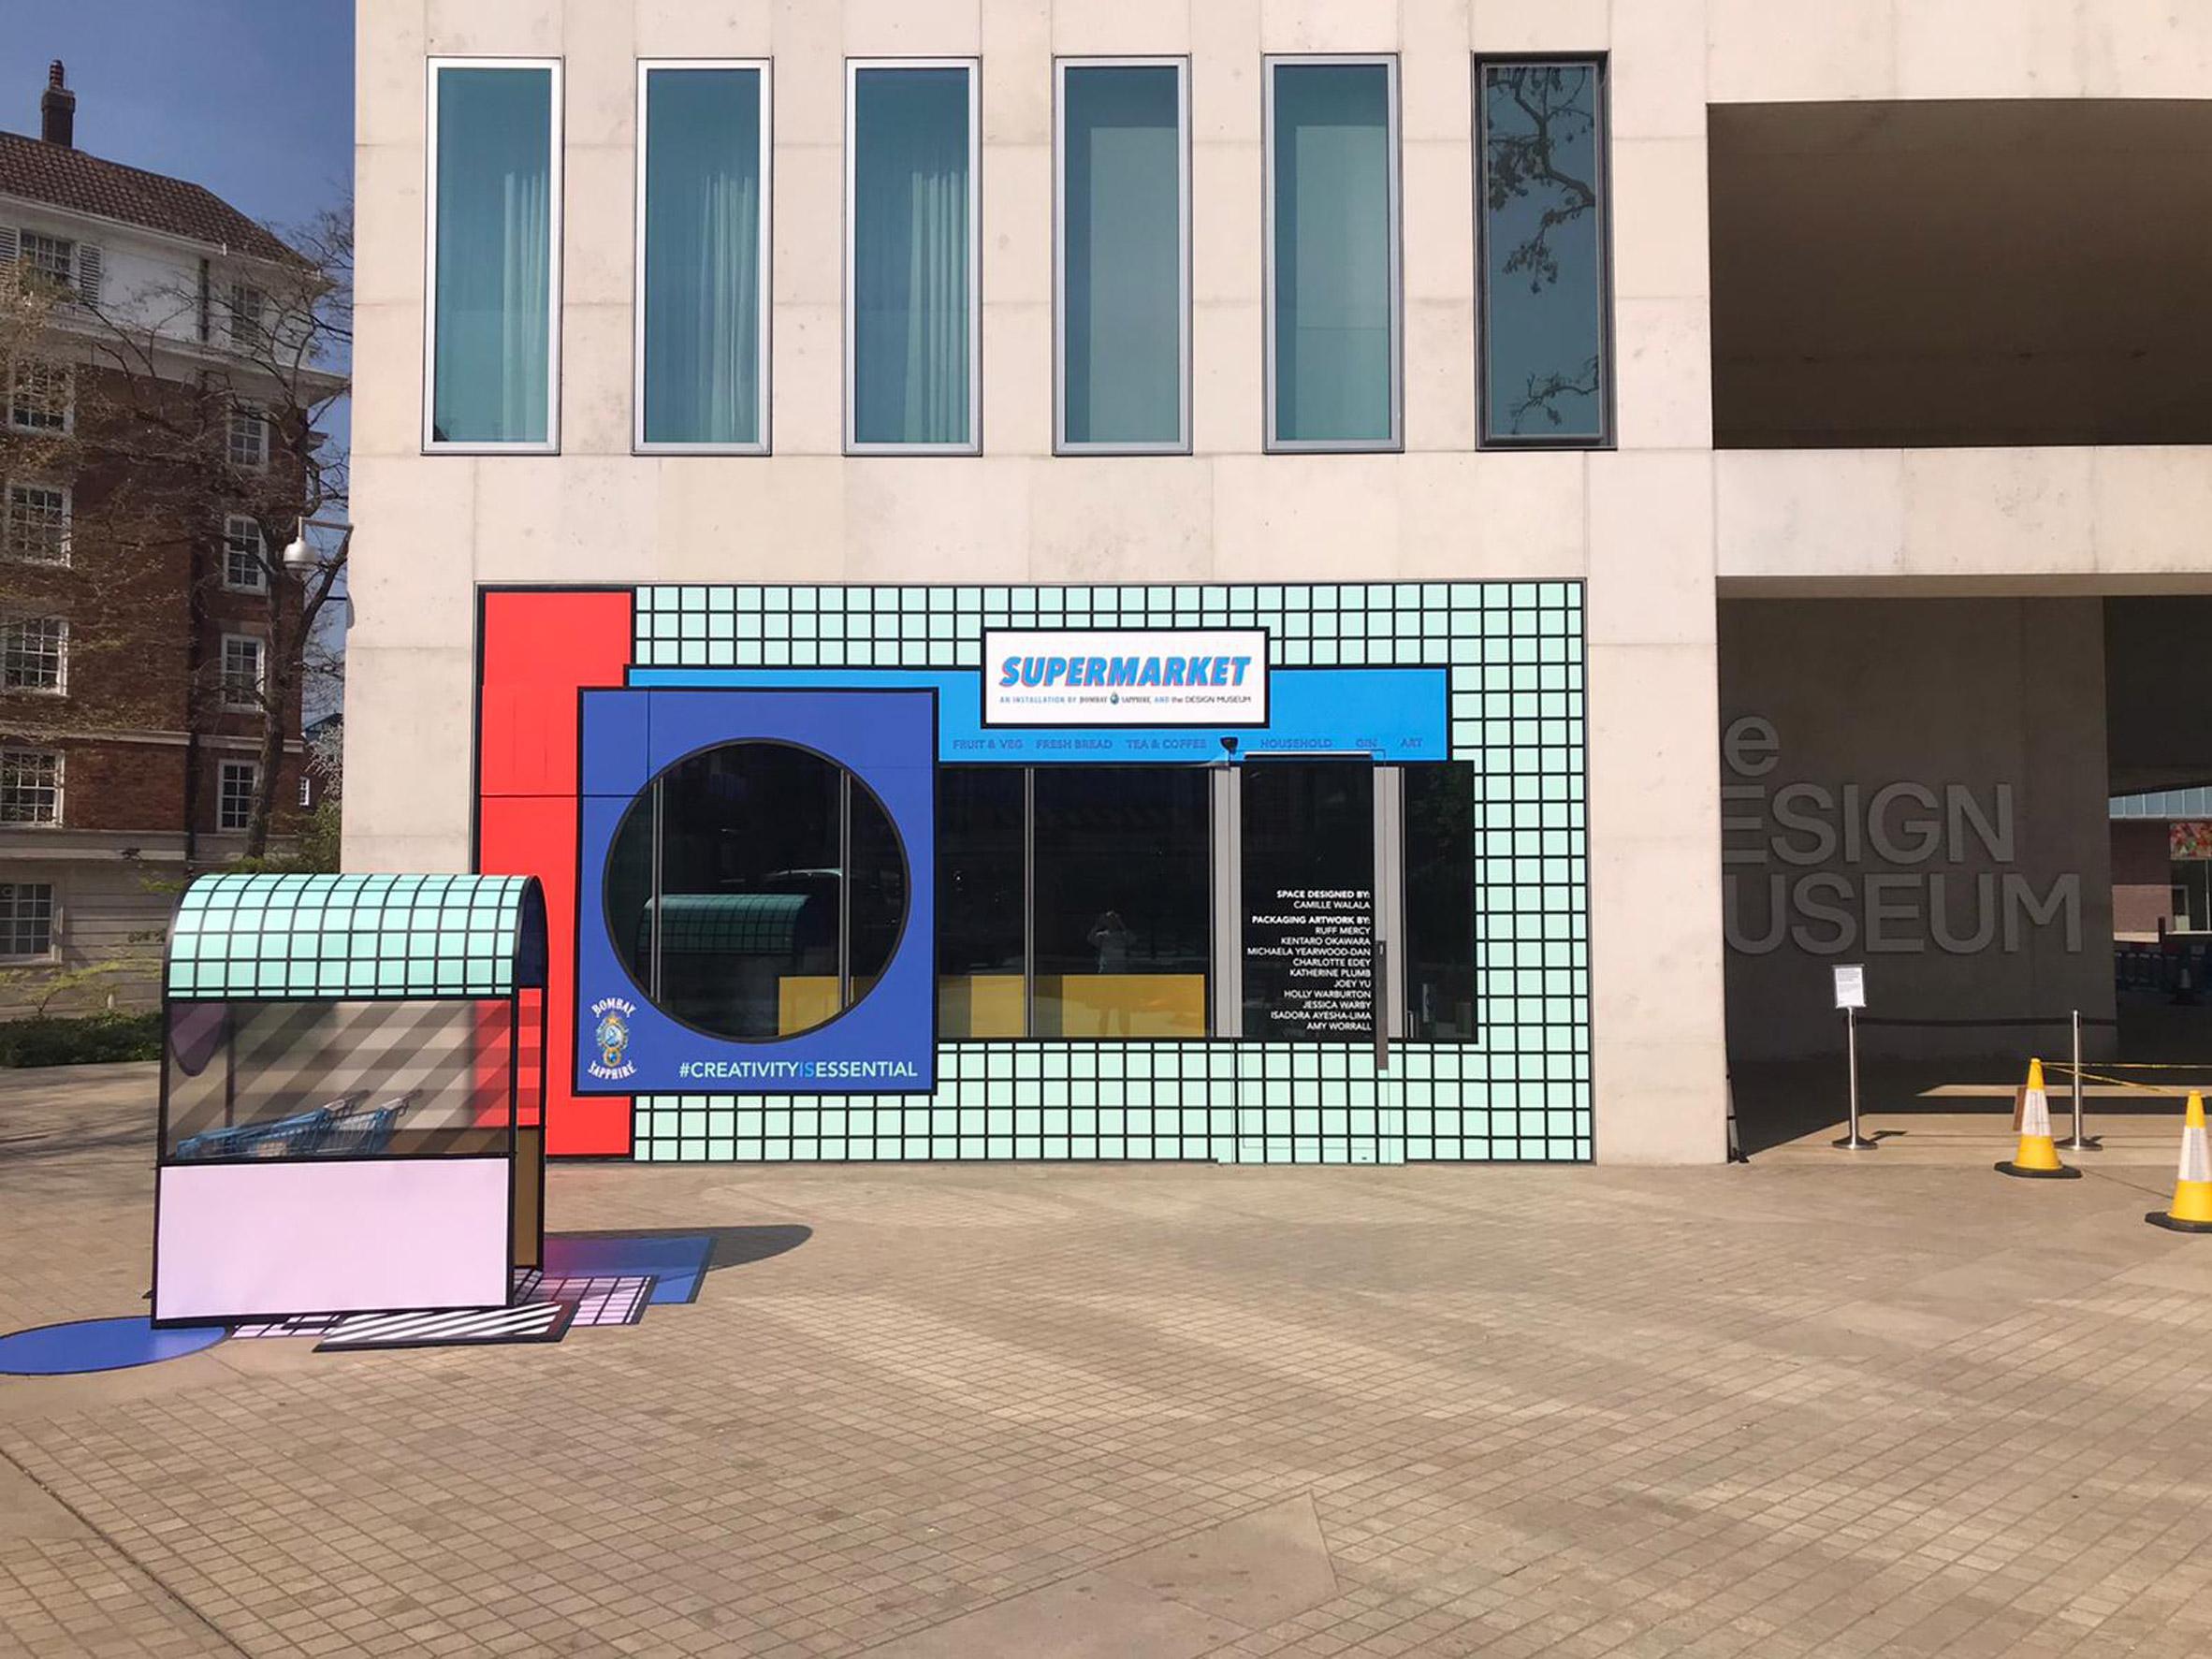 Exterior of Design Museum Supermarket